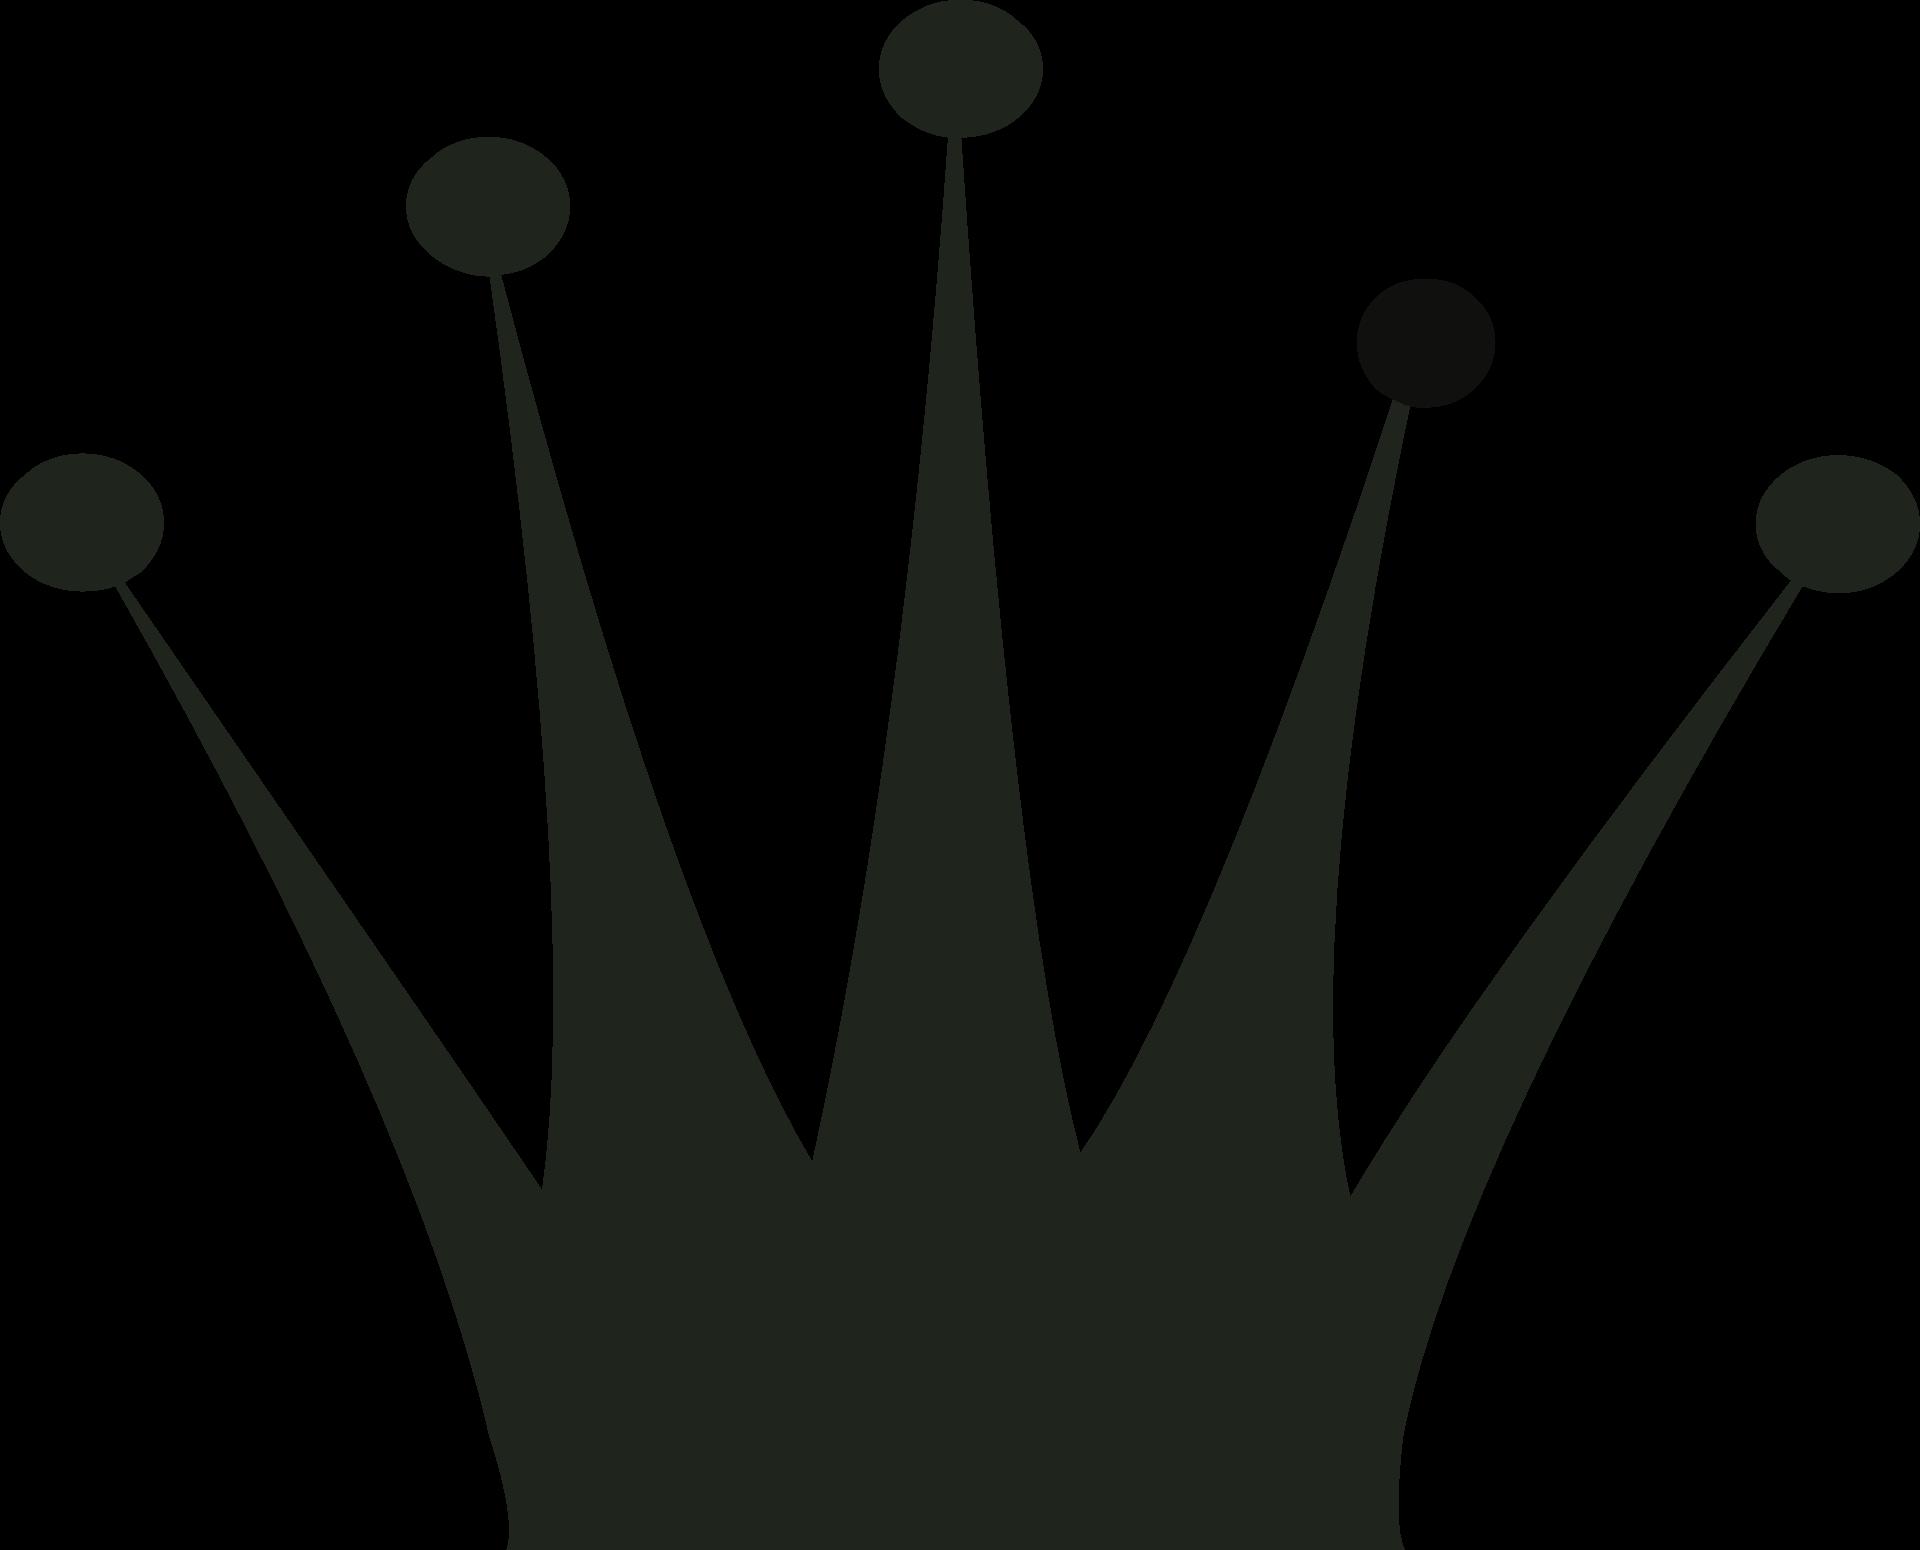 Февраля организациям, корона картинки силуэт